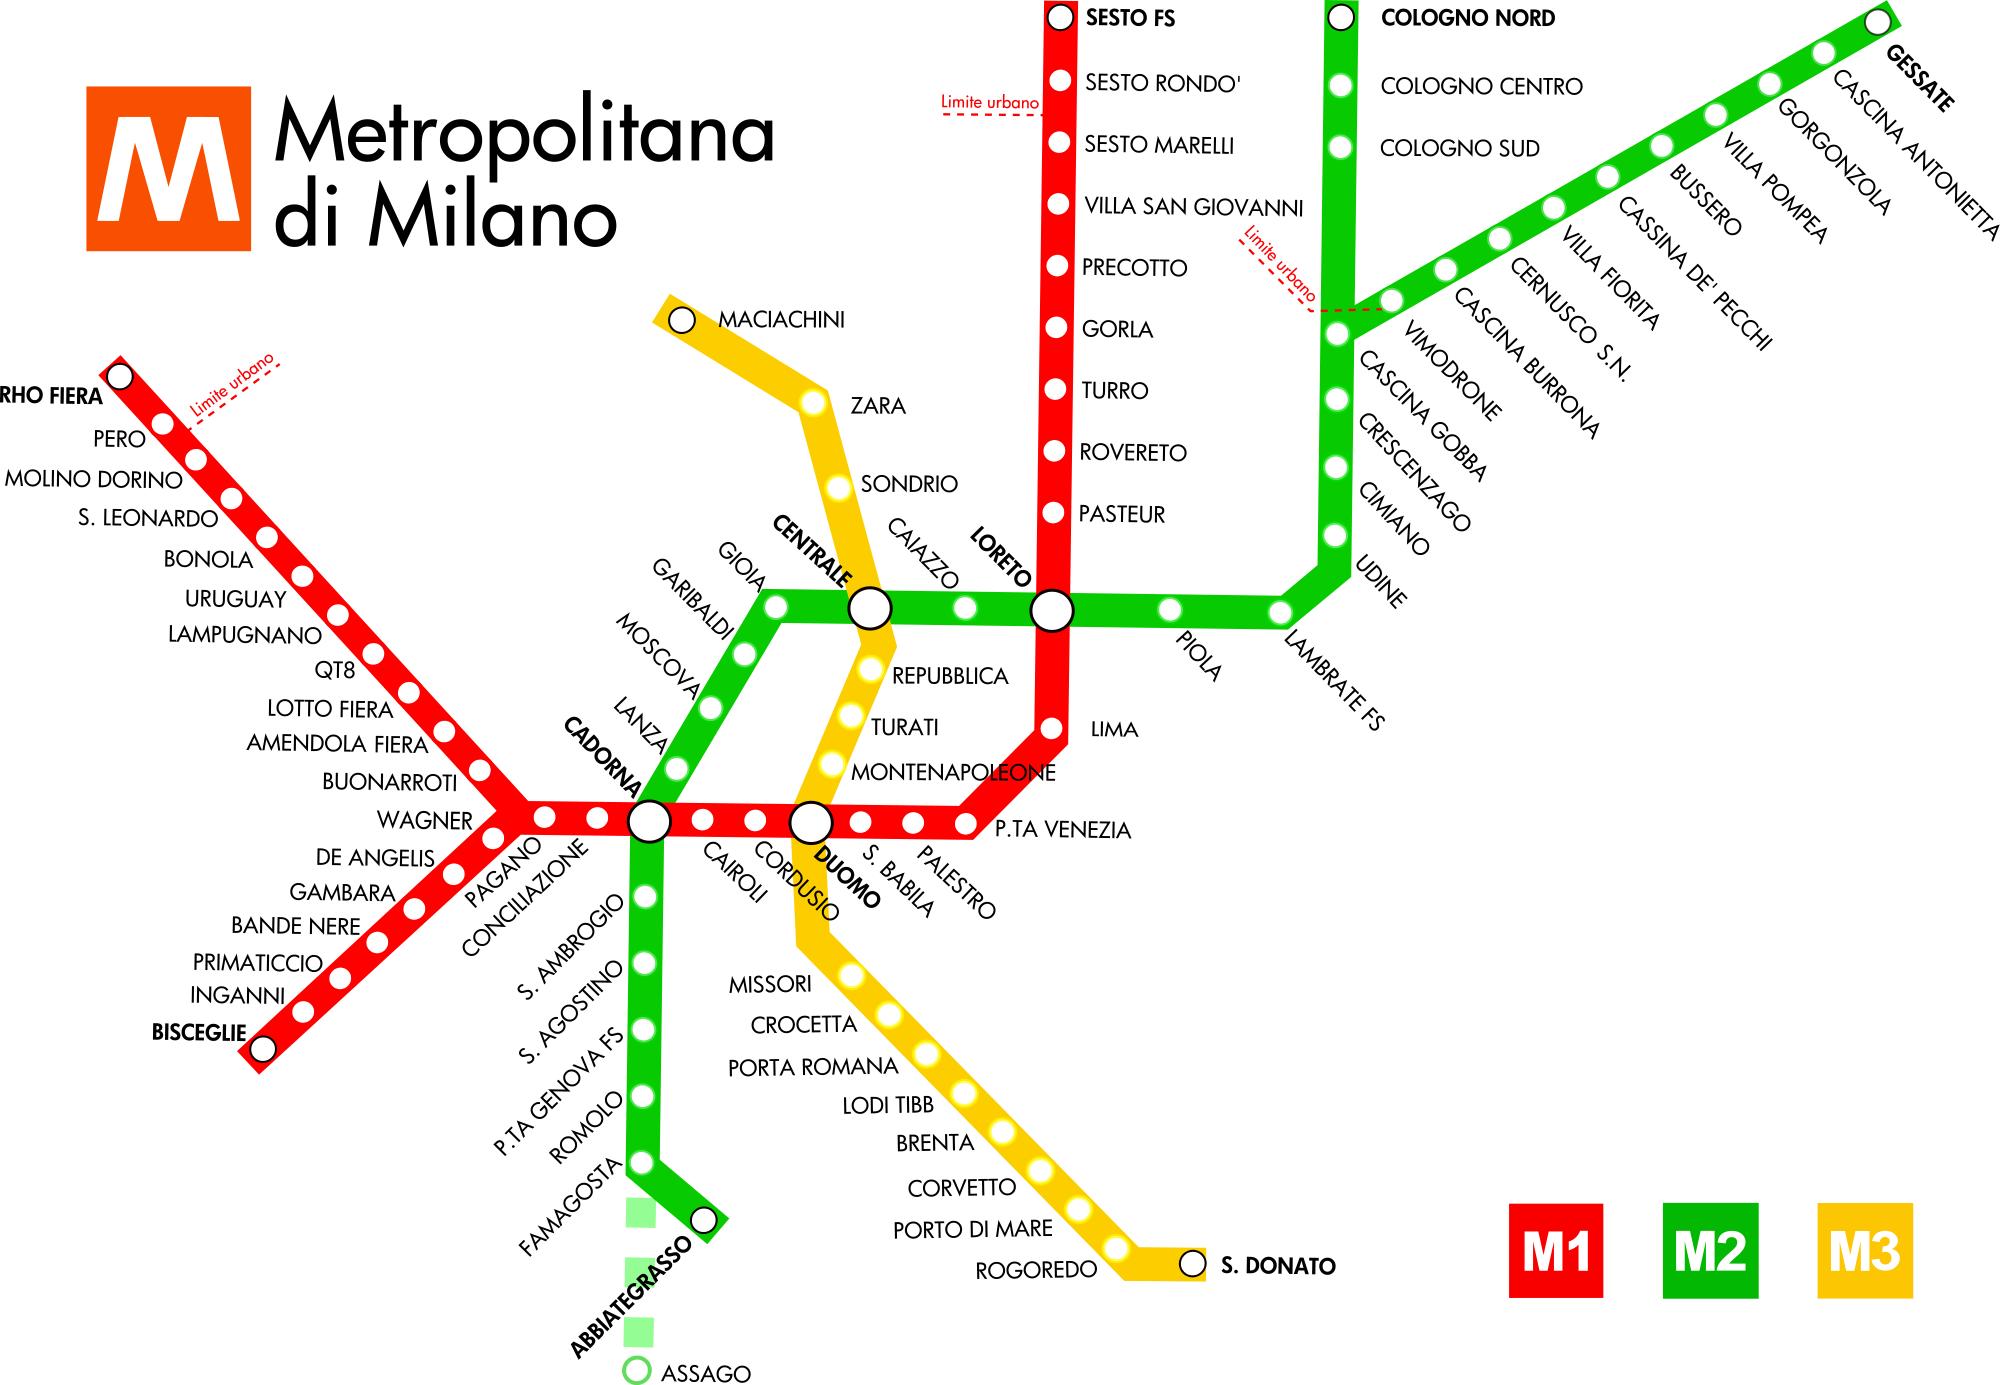 Metro milan.png